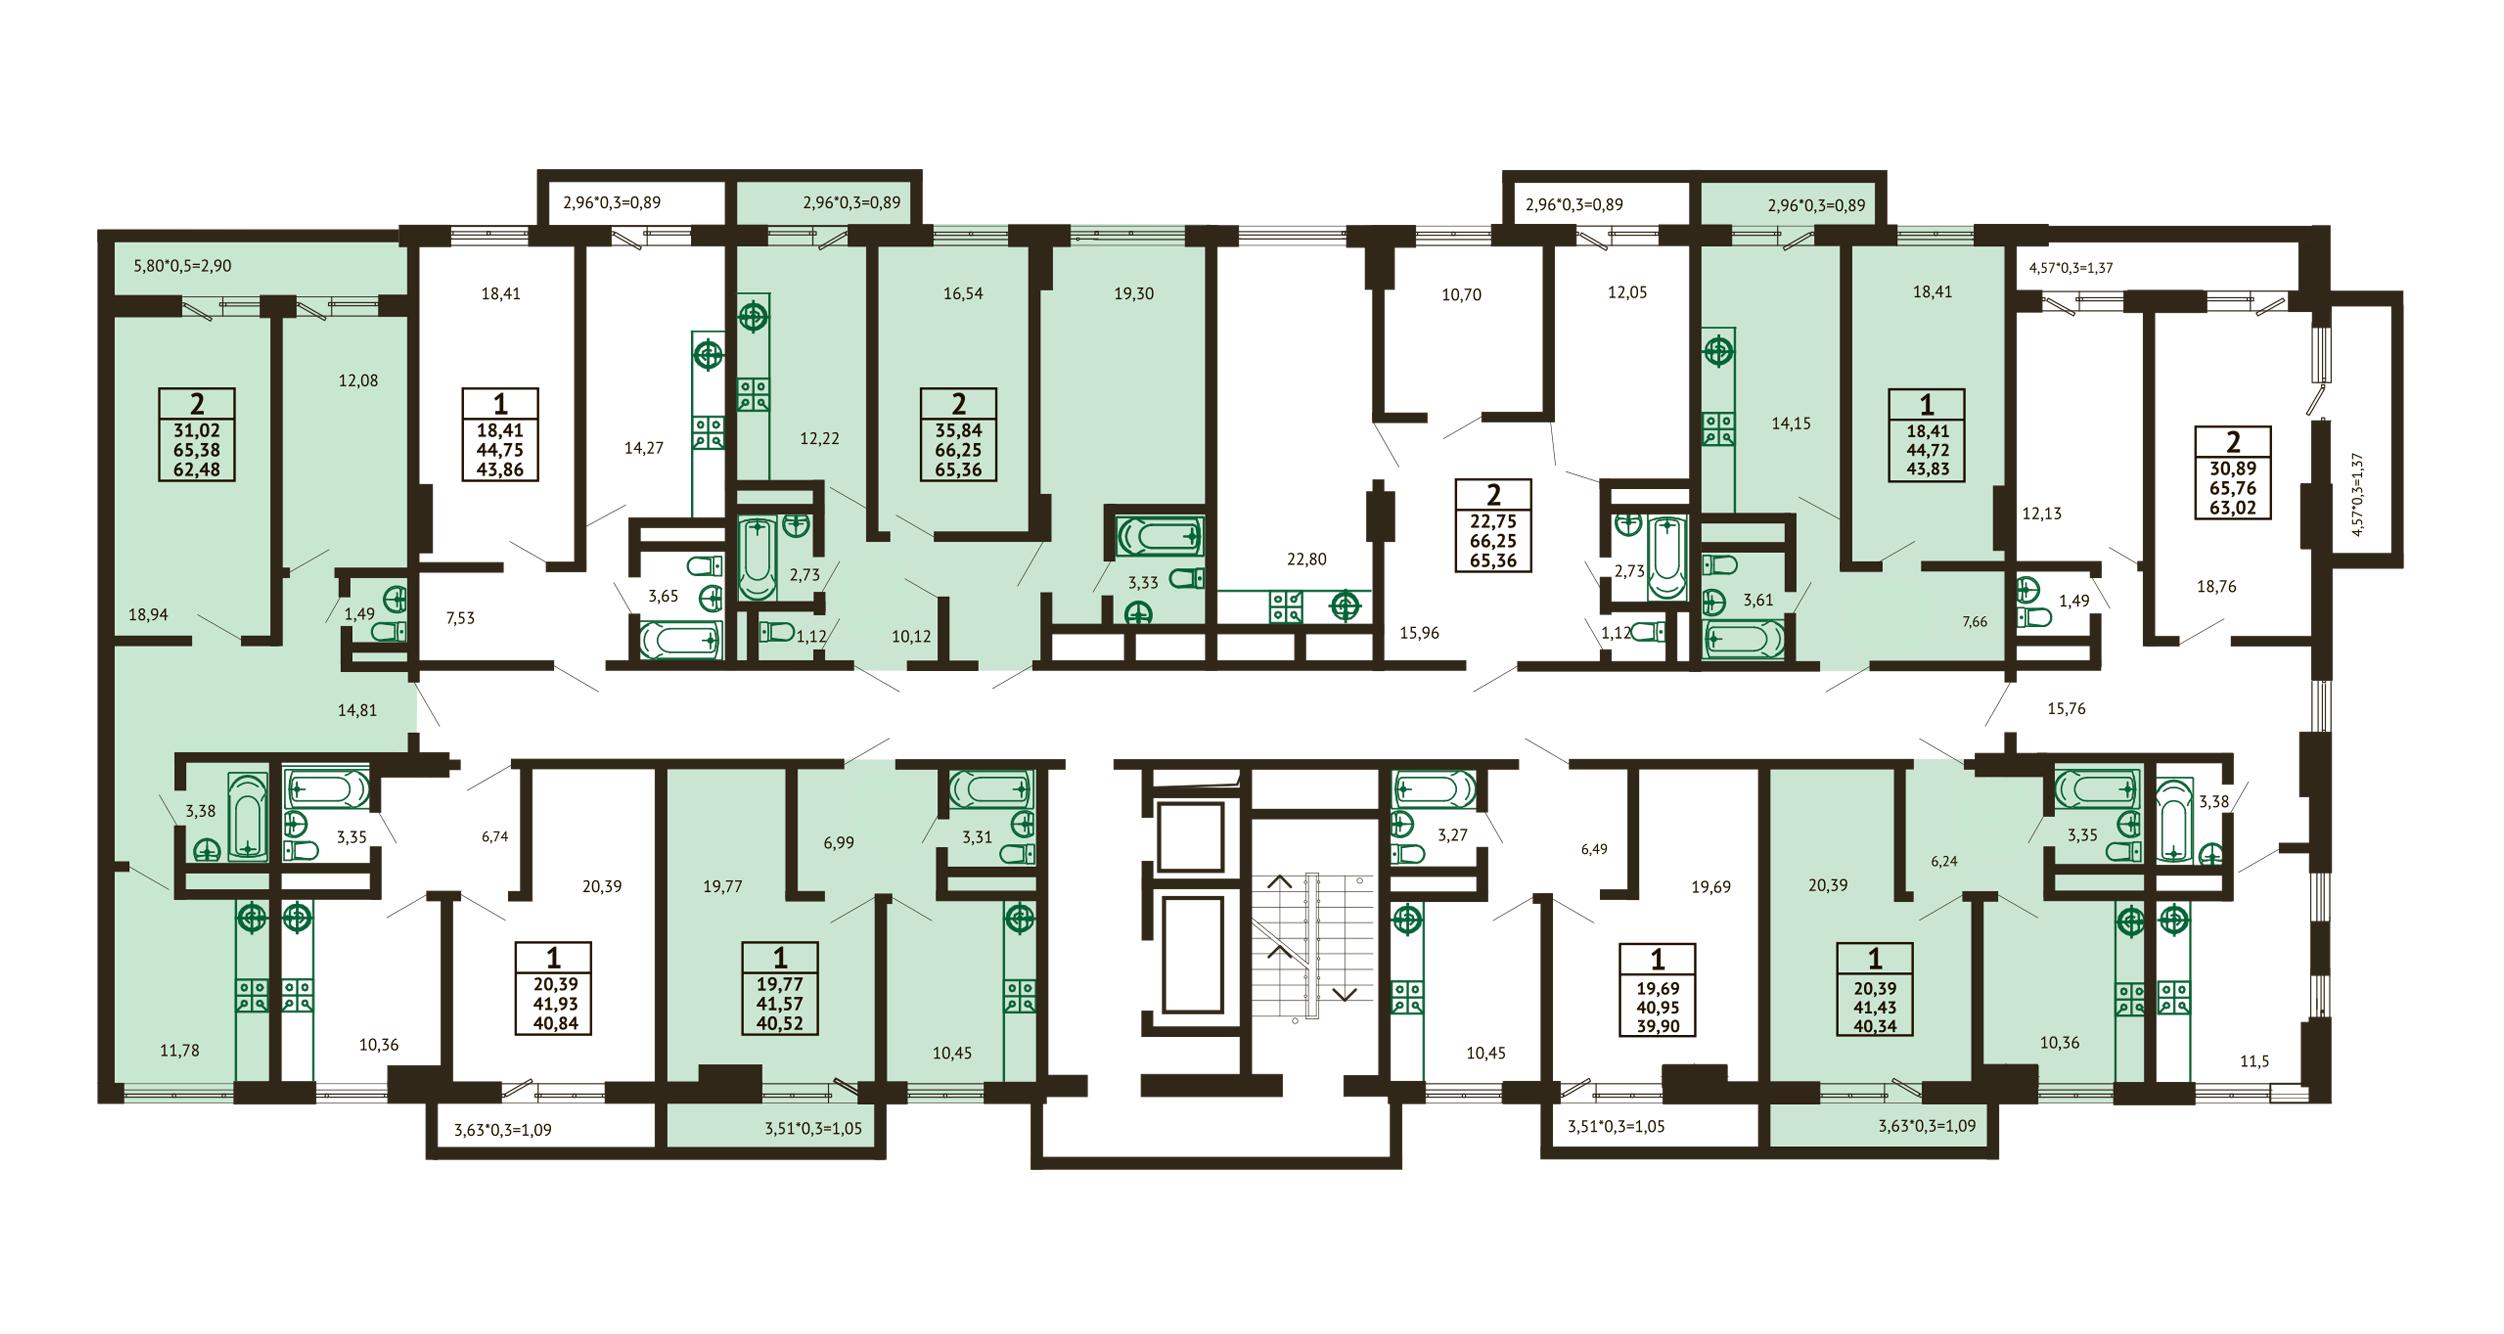 Планировка ЖК Грин Парк Литер 3 - Подъезд 2 - Этаж 11